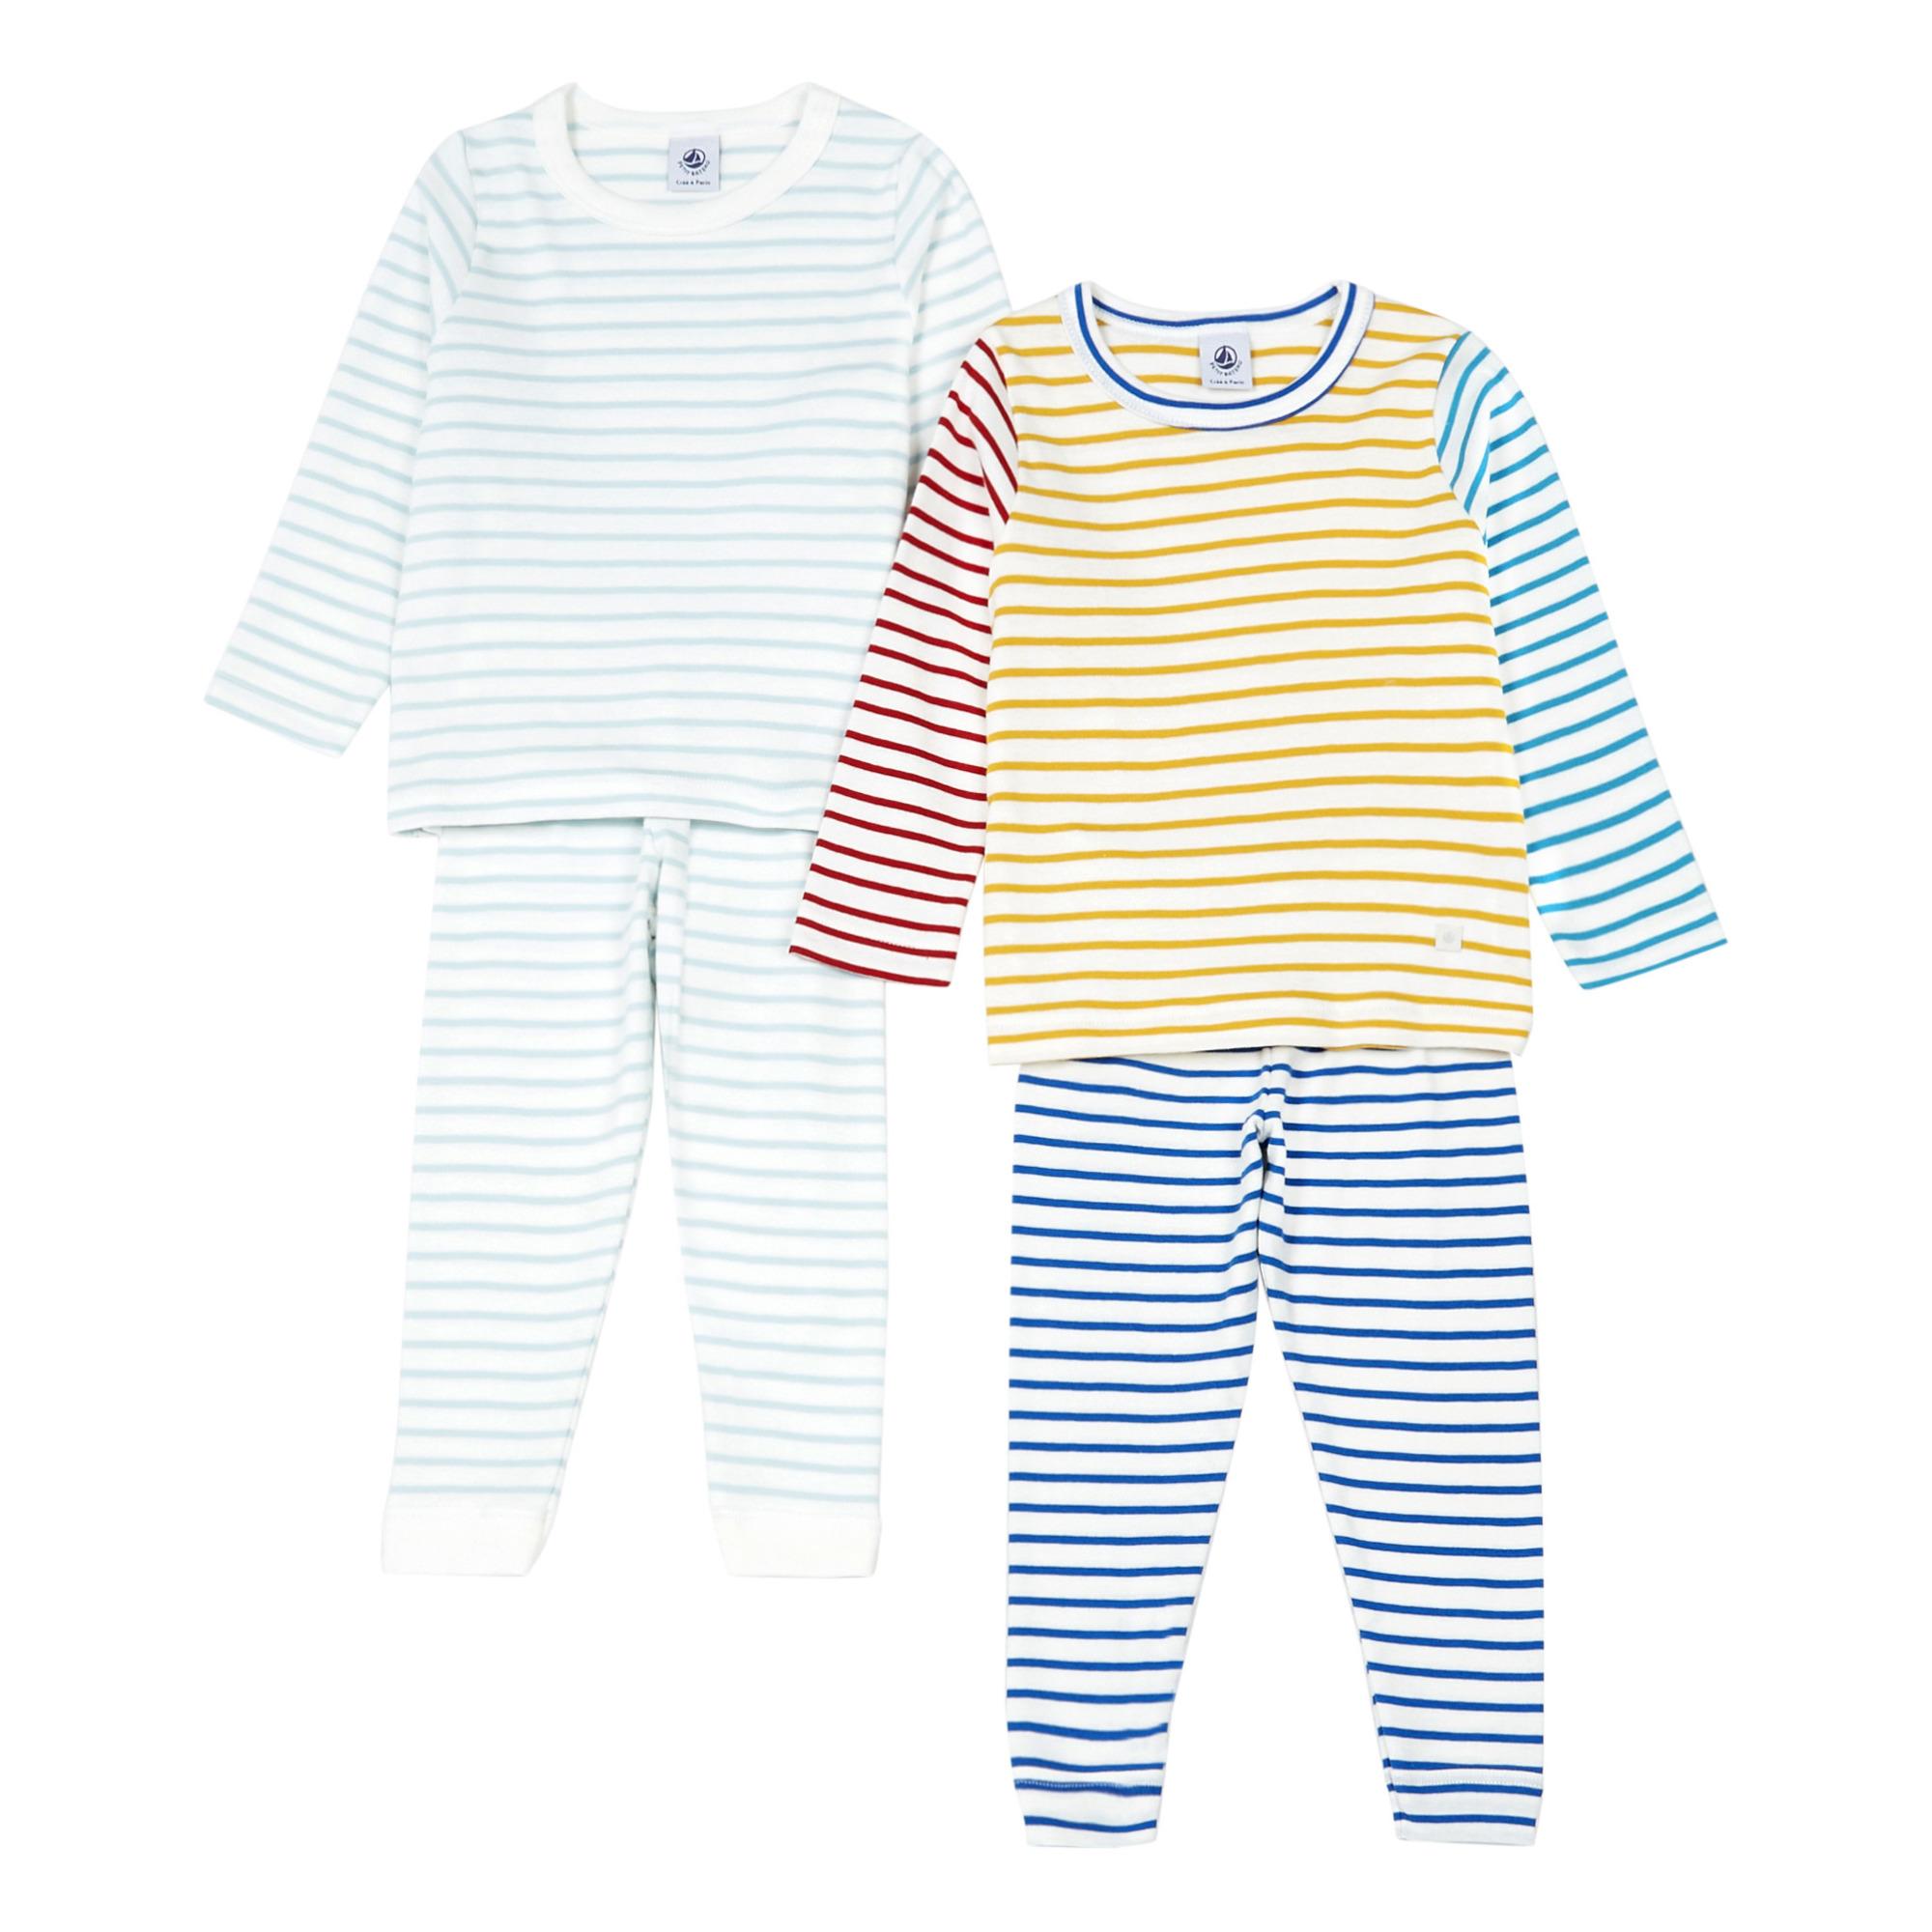 Borlai Ensemble Pyjama No/ël V/êtement de Nuit Parent-Enfant Pyjama No/ëL Manches Longues Top et Pantalon Famille Pyjamas